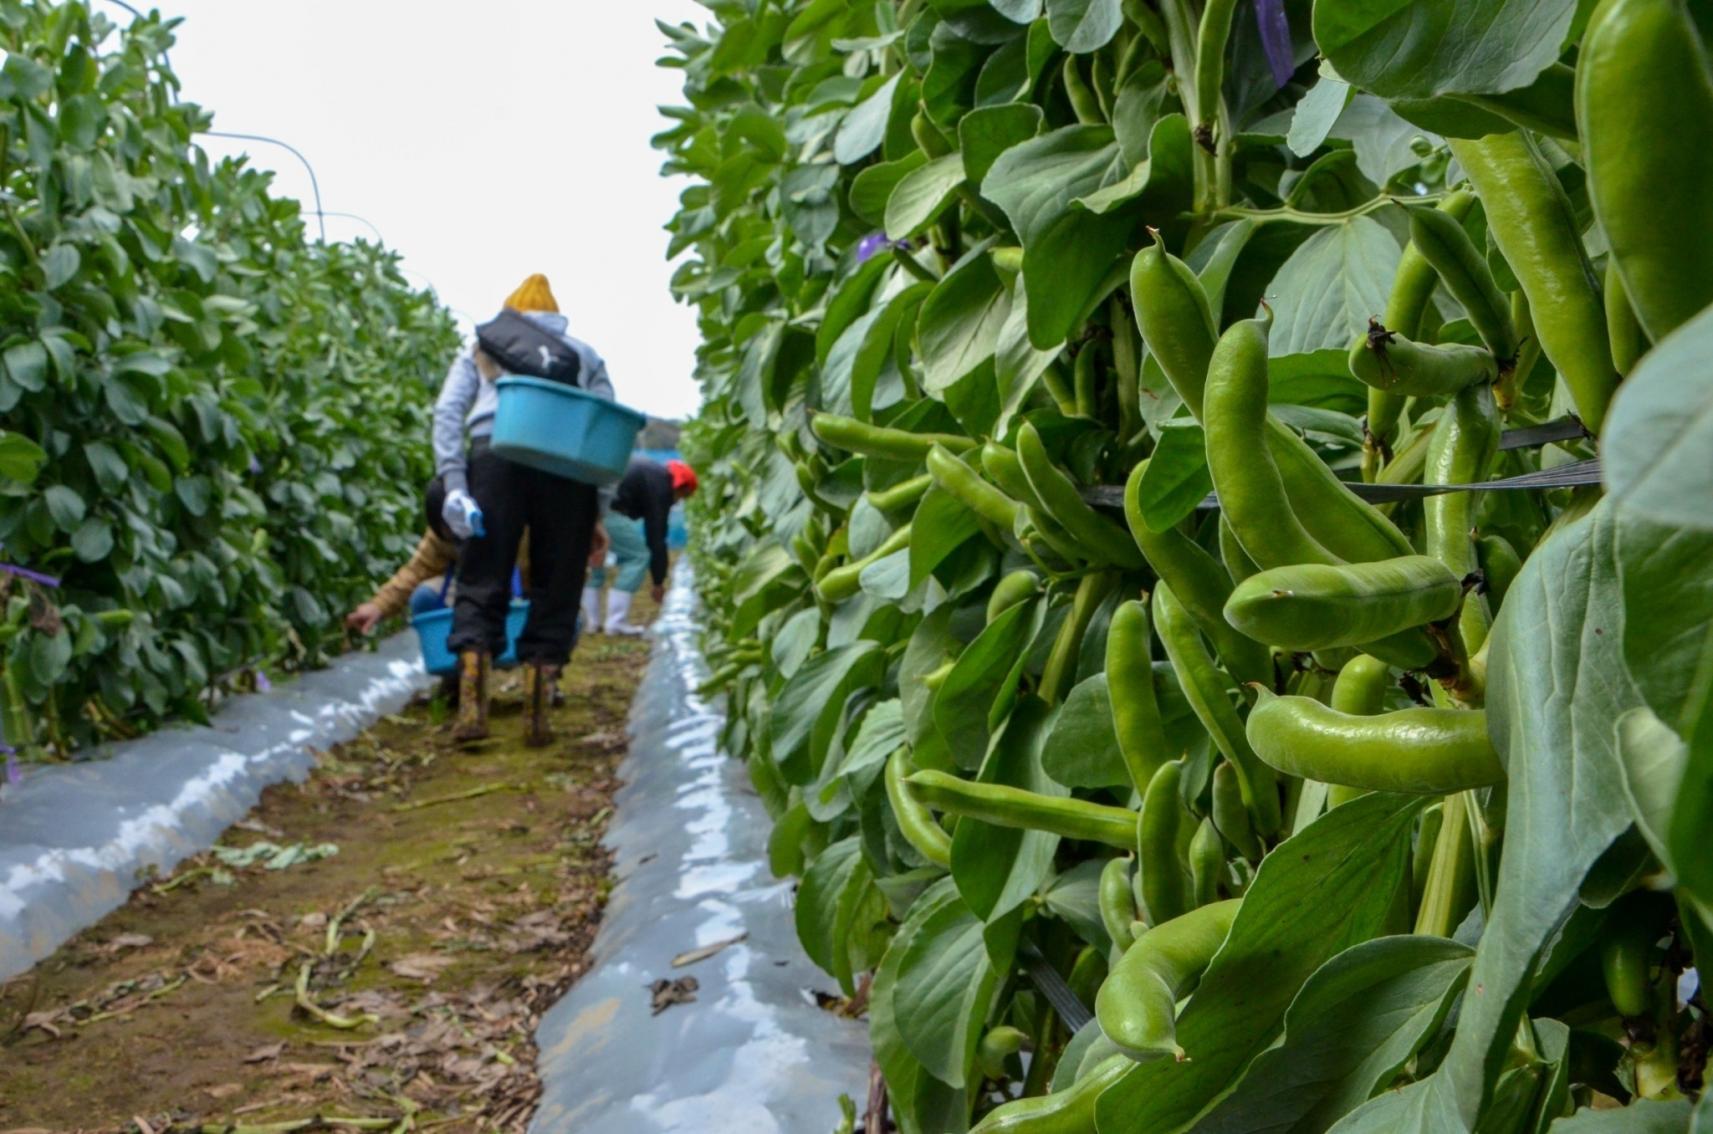 五島で育った自慢の野菜を収穫しませんか (宿泊&農業体験)-1